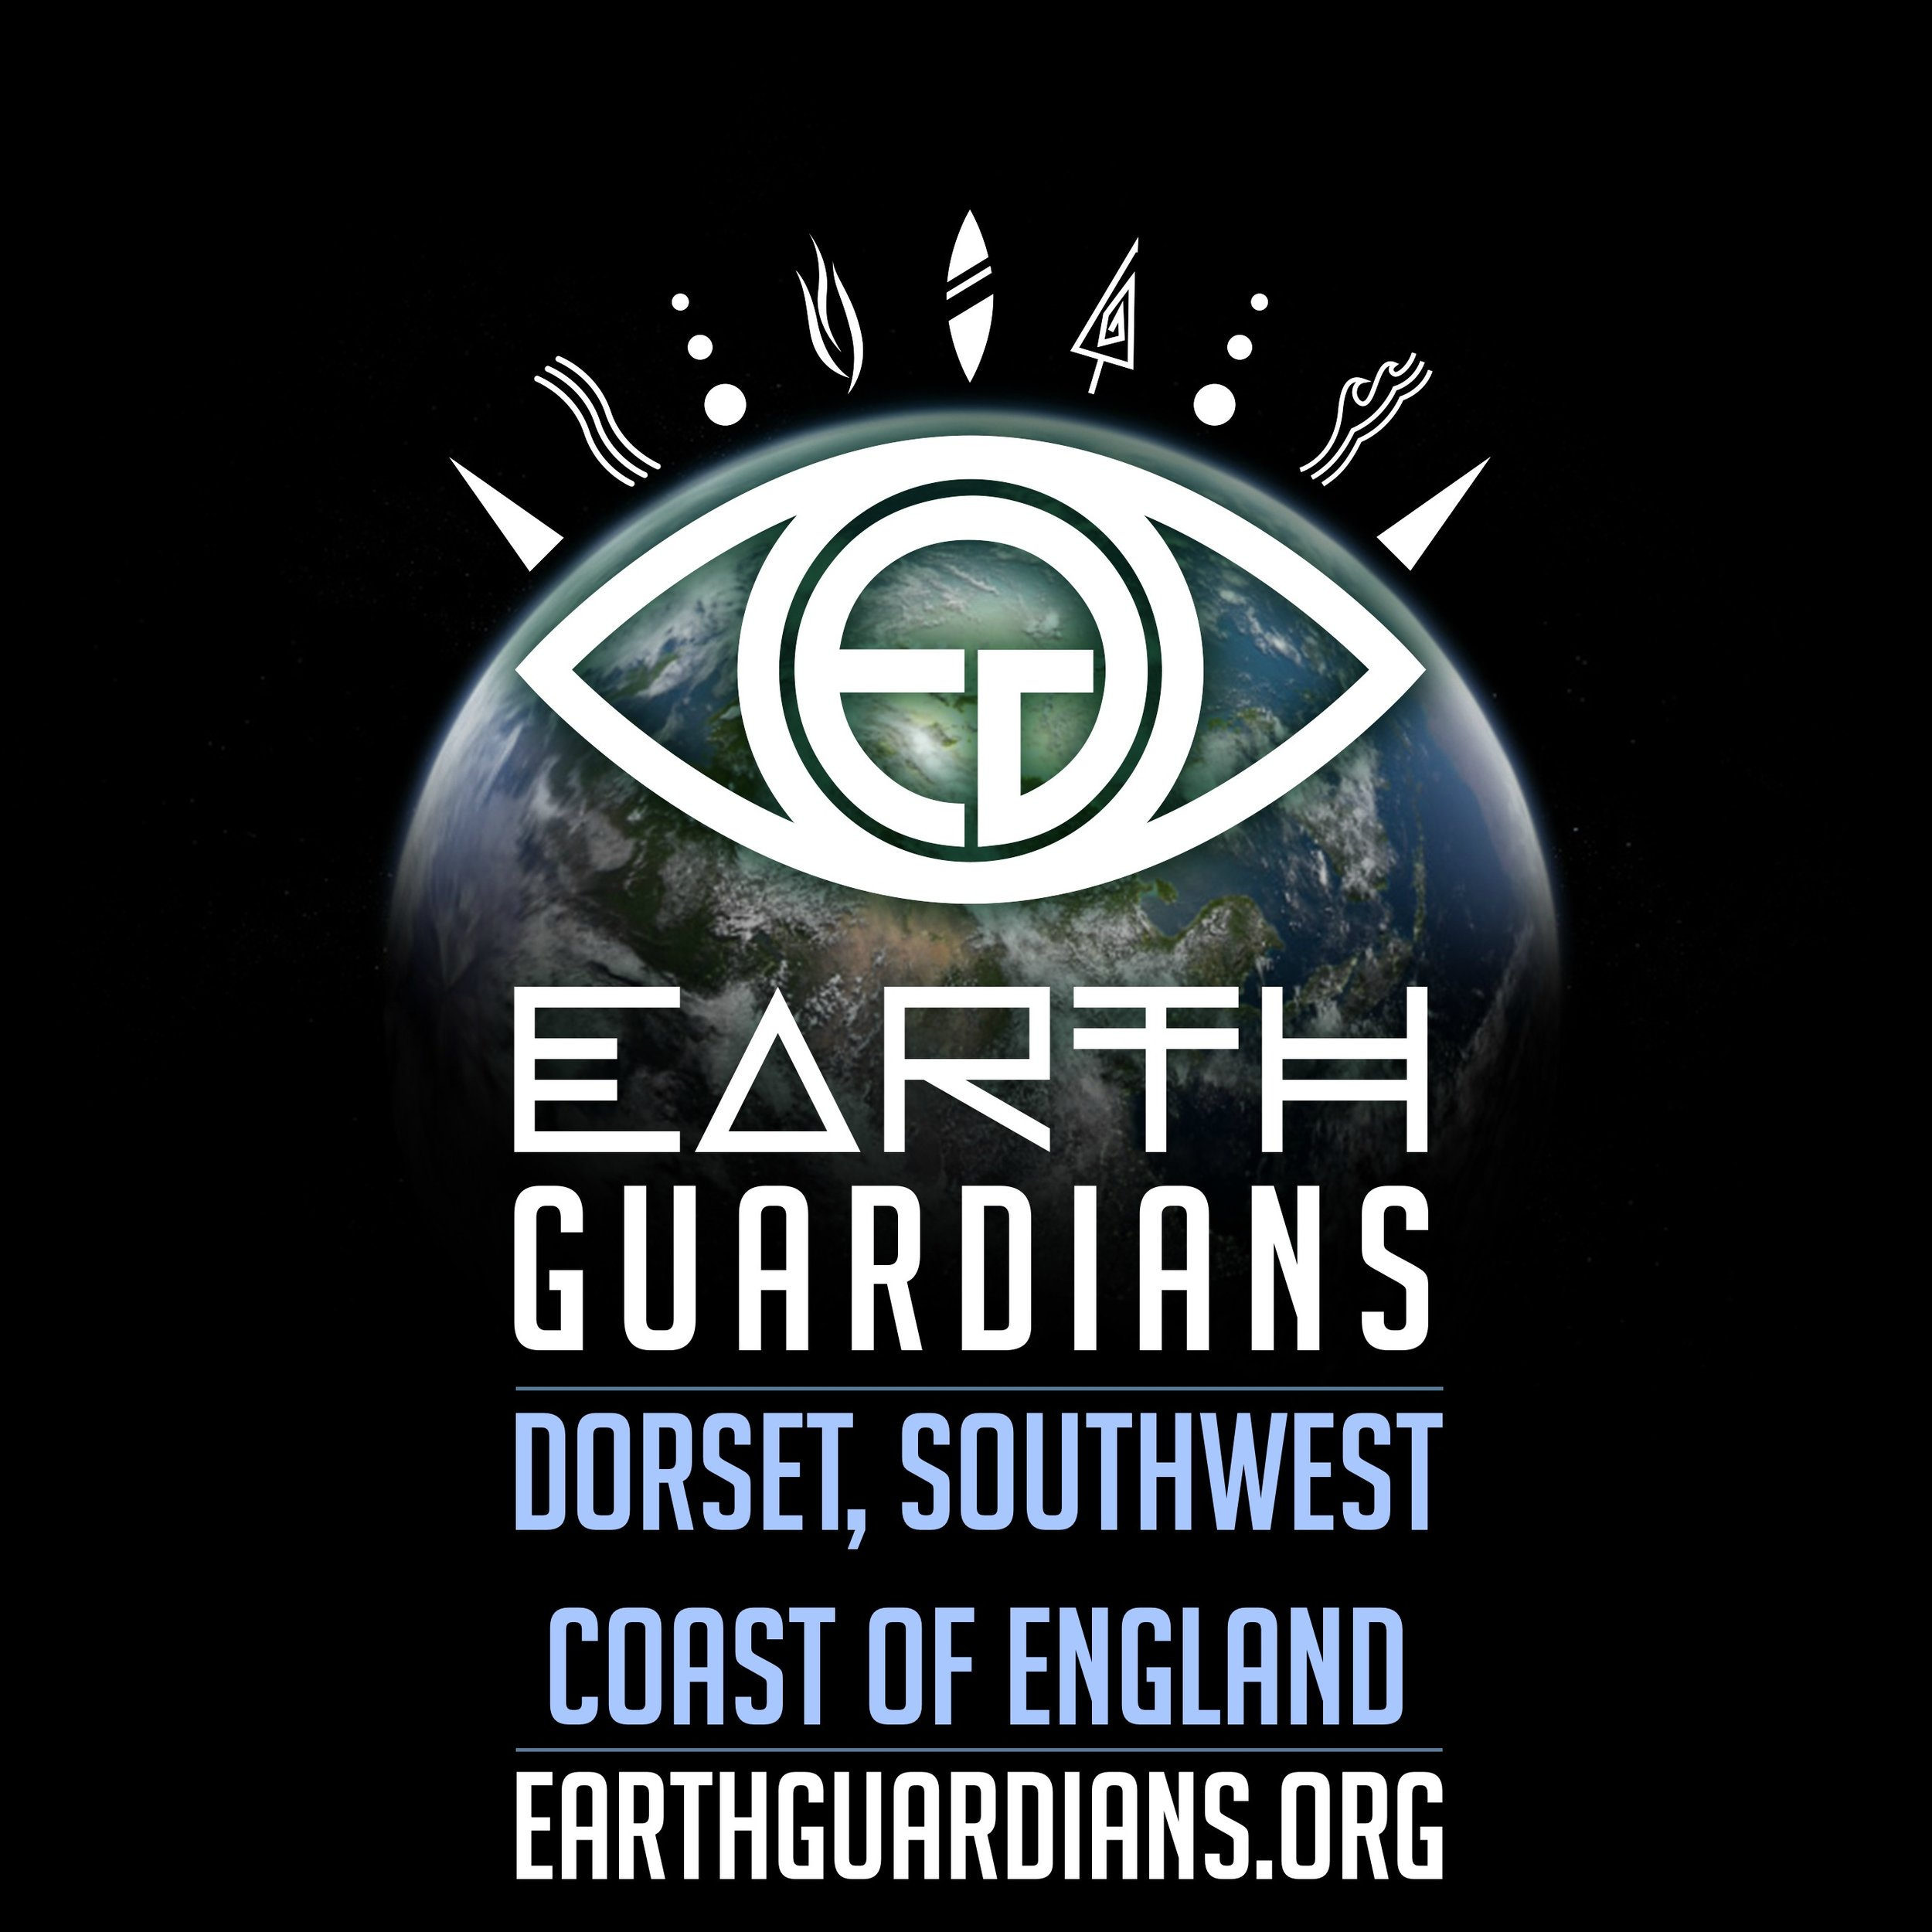 EG_crew logo DORSET.jpg